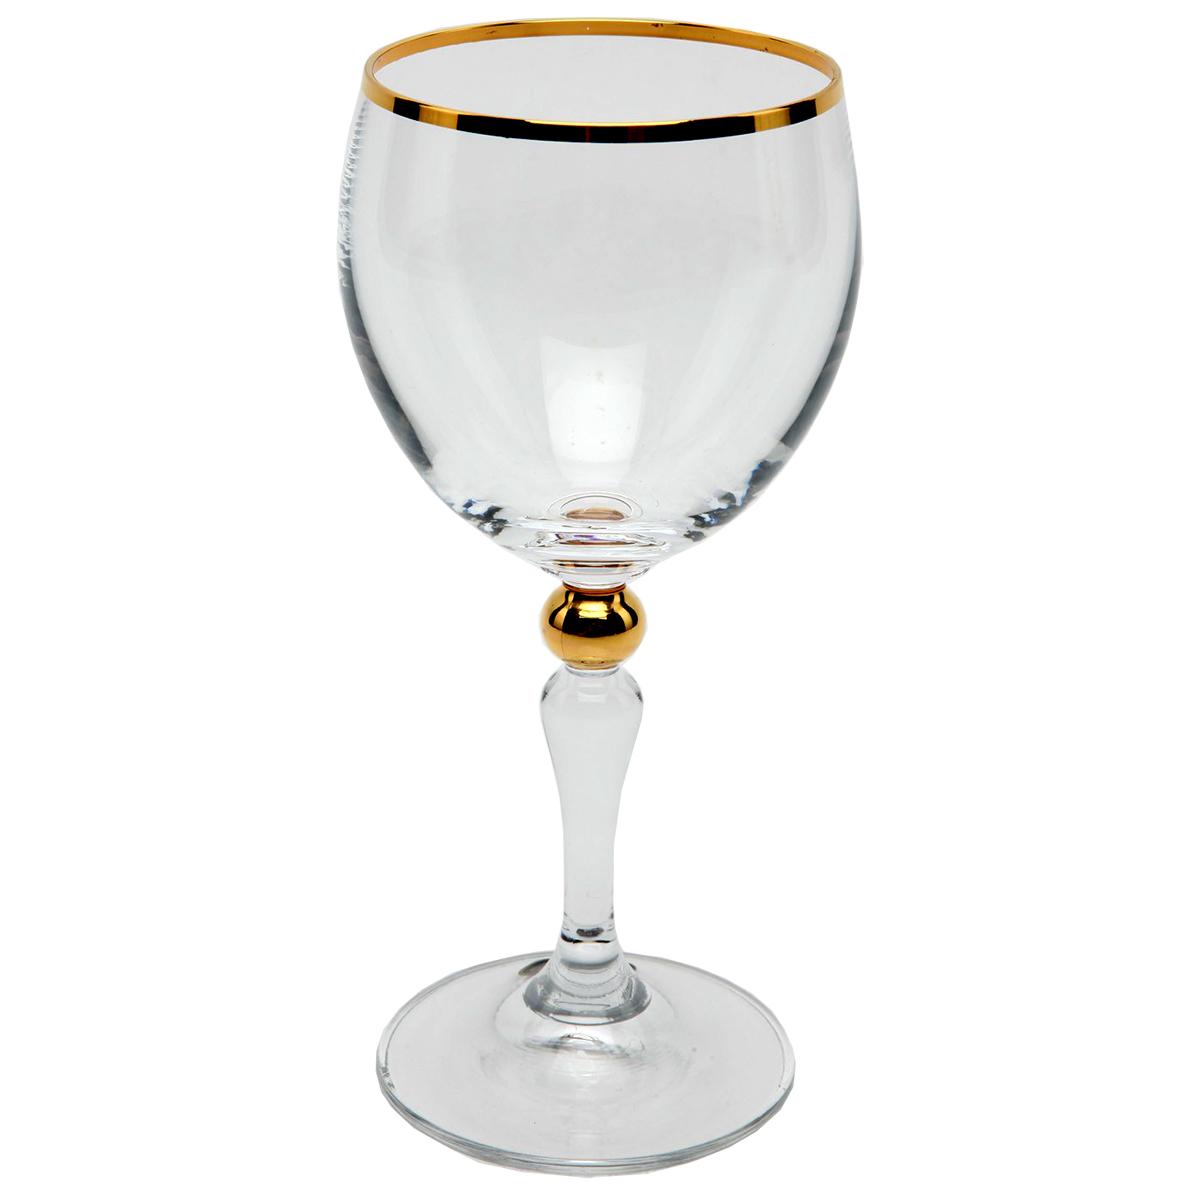 """Бокалы для вина Bohemia Crystal коллекции """"Кармен"""" порадуют не только вас, но и ваших гостей. Они обладают привлекательным внешним видом, а материалом их изготовления является высококачественное хрустальное стекло. Кроме того, красоту бокала подчеркивает элегантная форма ножки. Объем составляет 200 мл. Количество в упаковке 6 шт."""